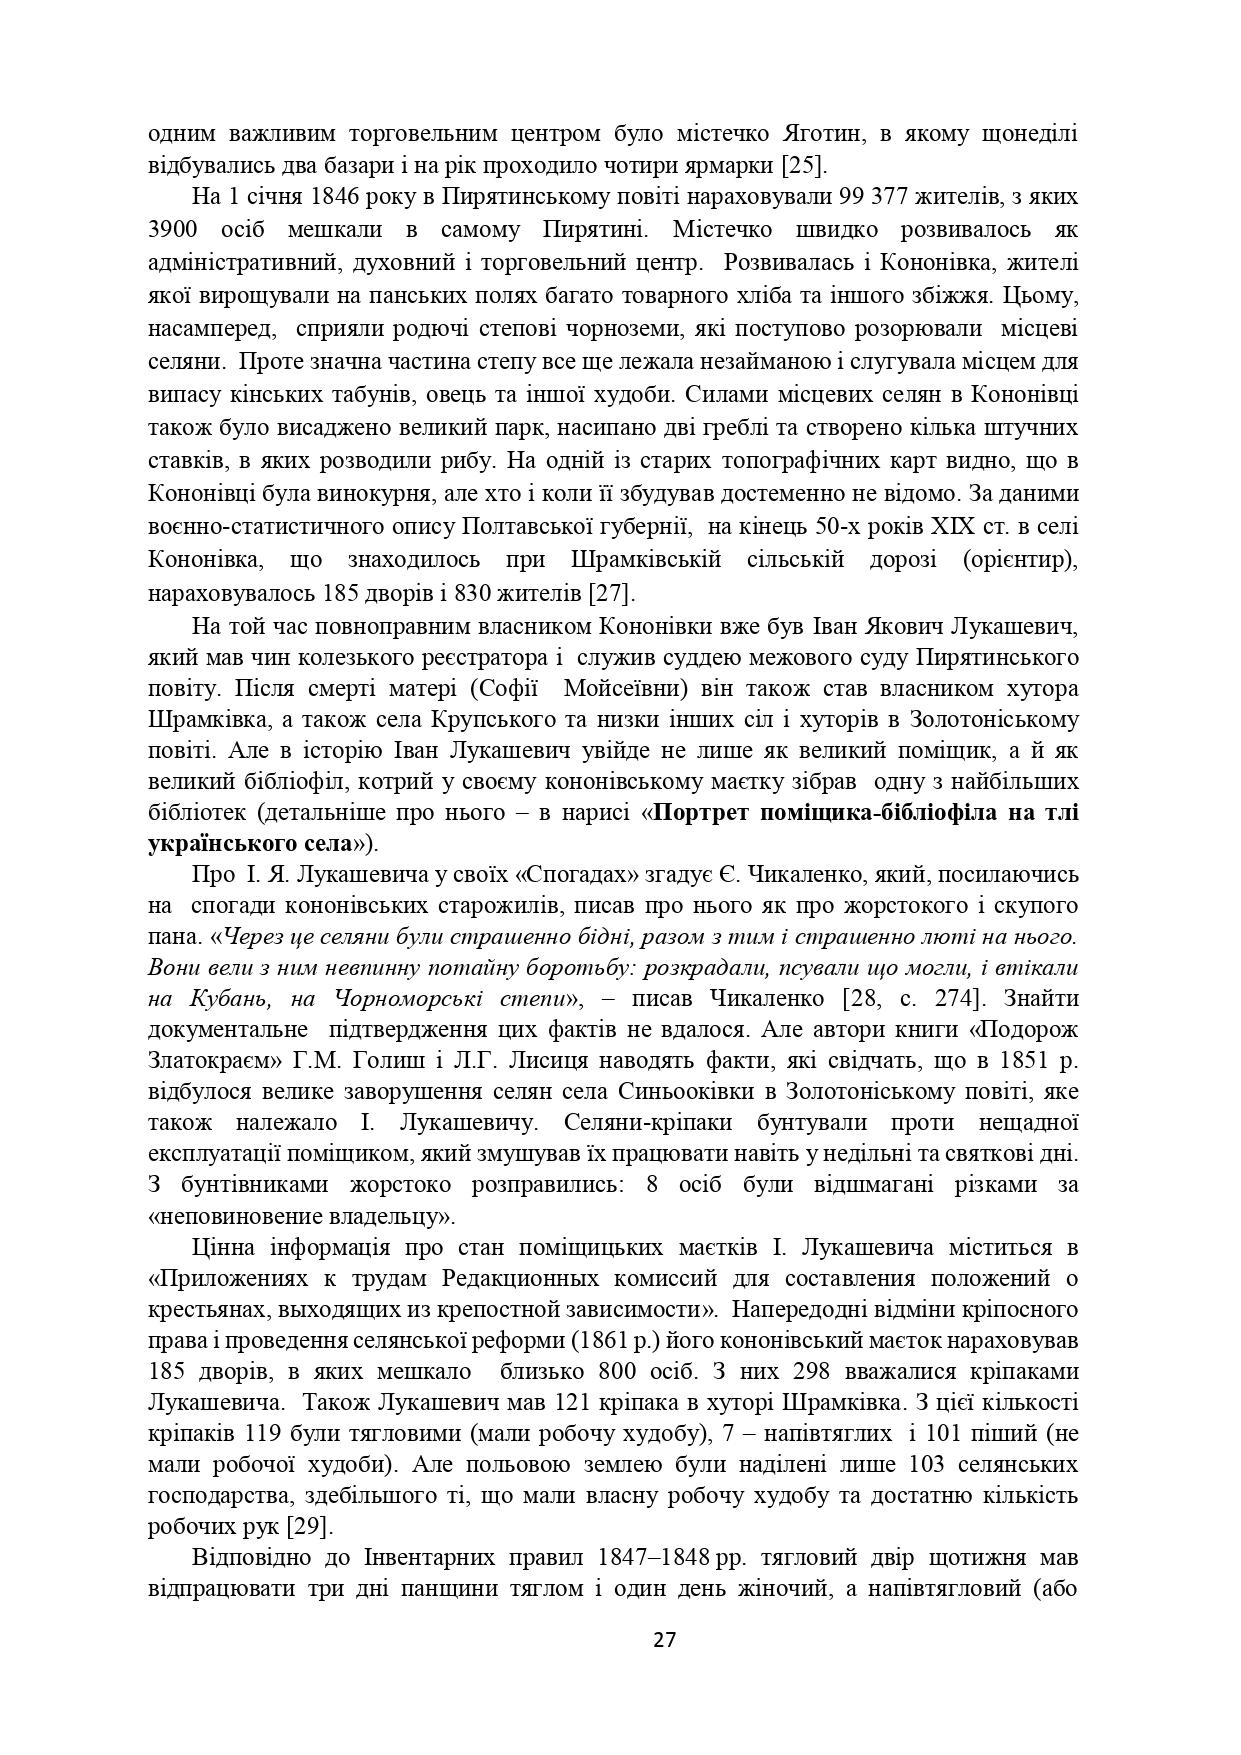 ІСТОРІЯ СЕЛА КОНОНІВКА 2021 (1)_page-0027